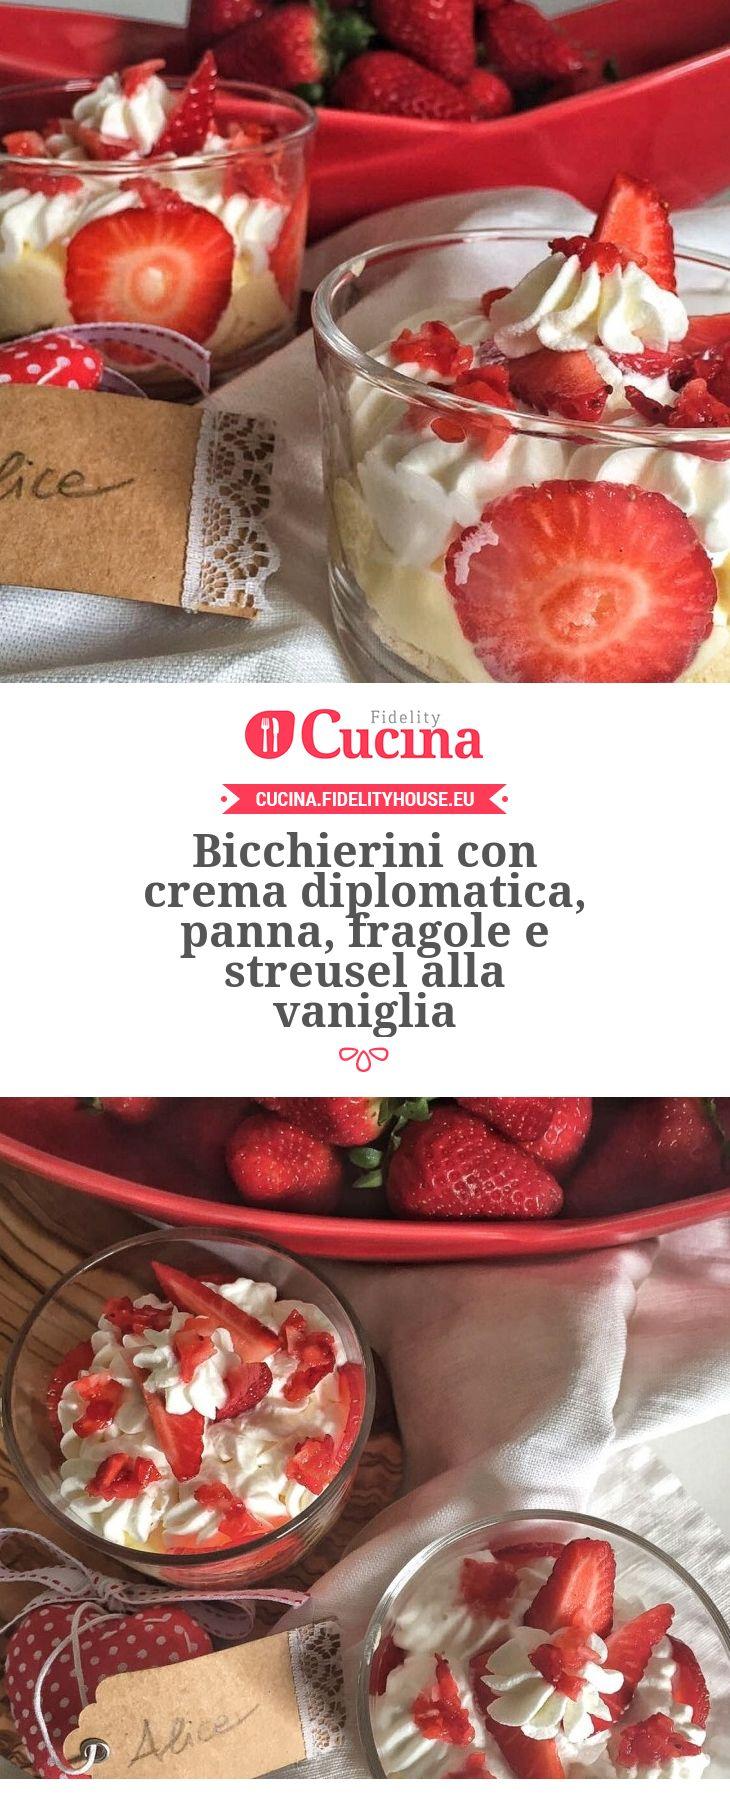 Bicchierini con crema diplomatica, panna, fragole e streusel alla vaniglia